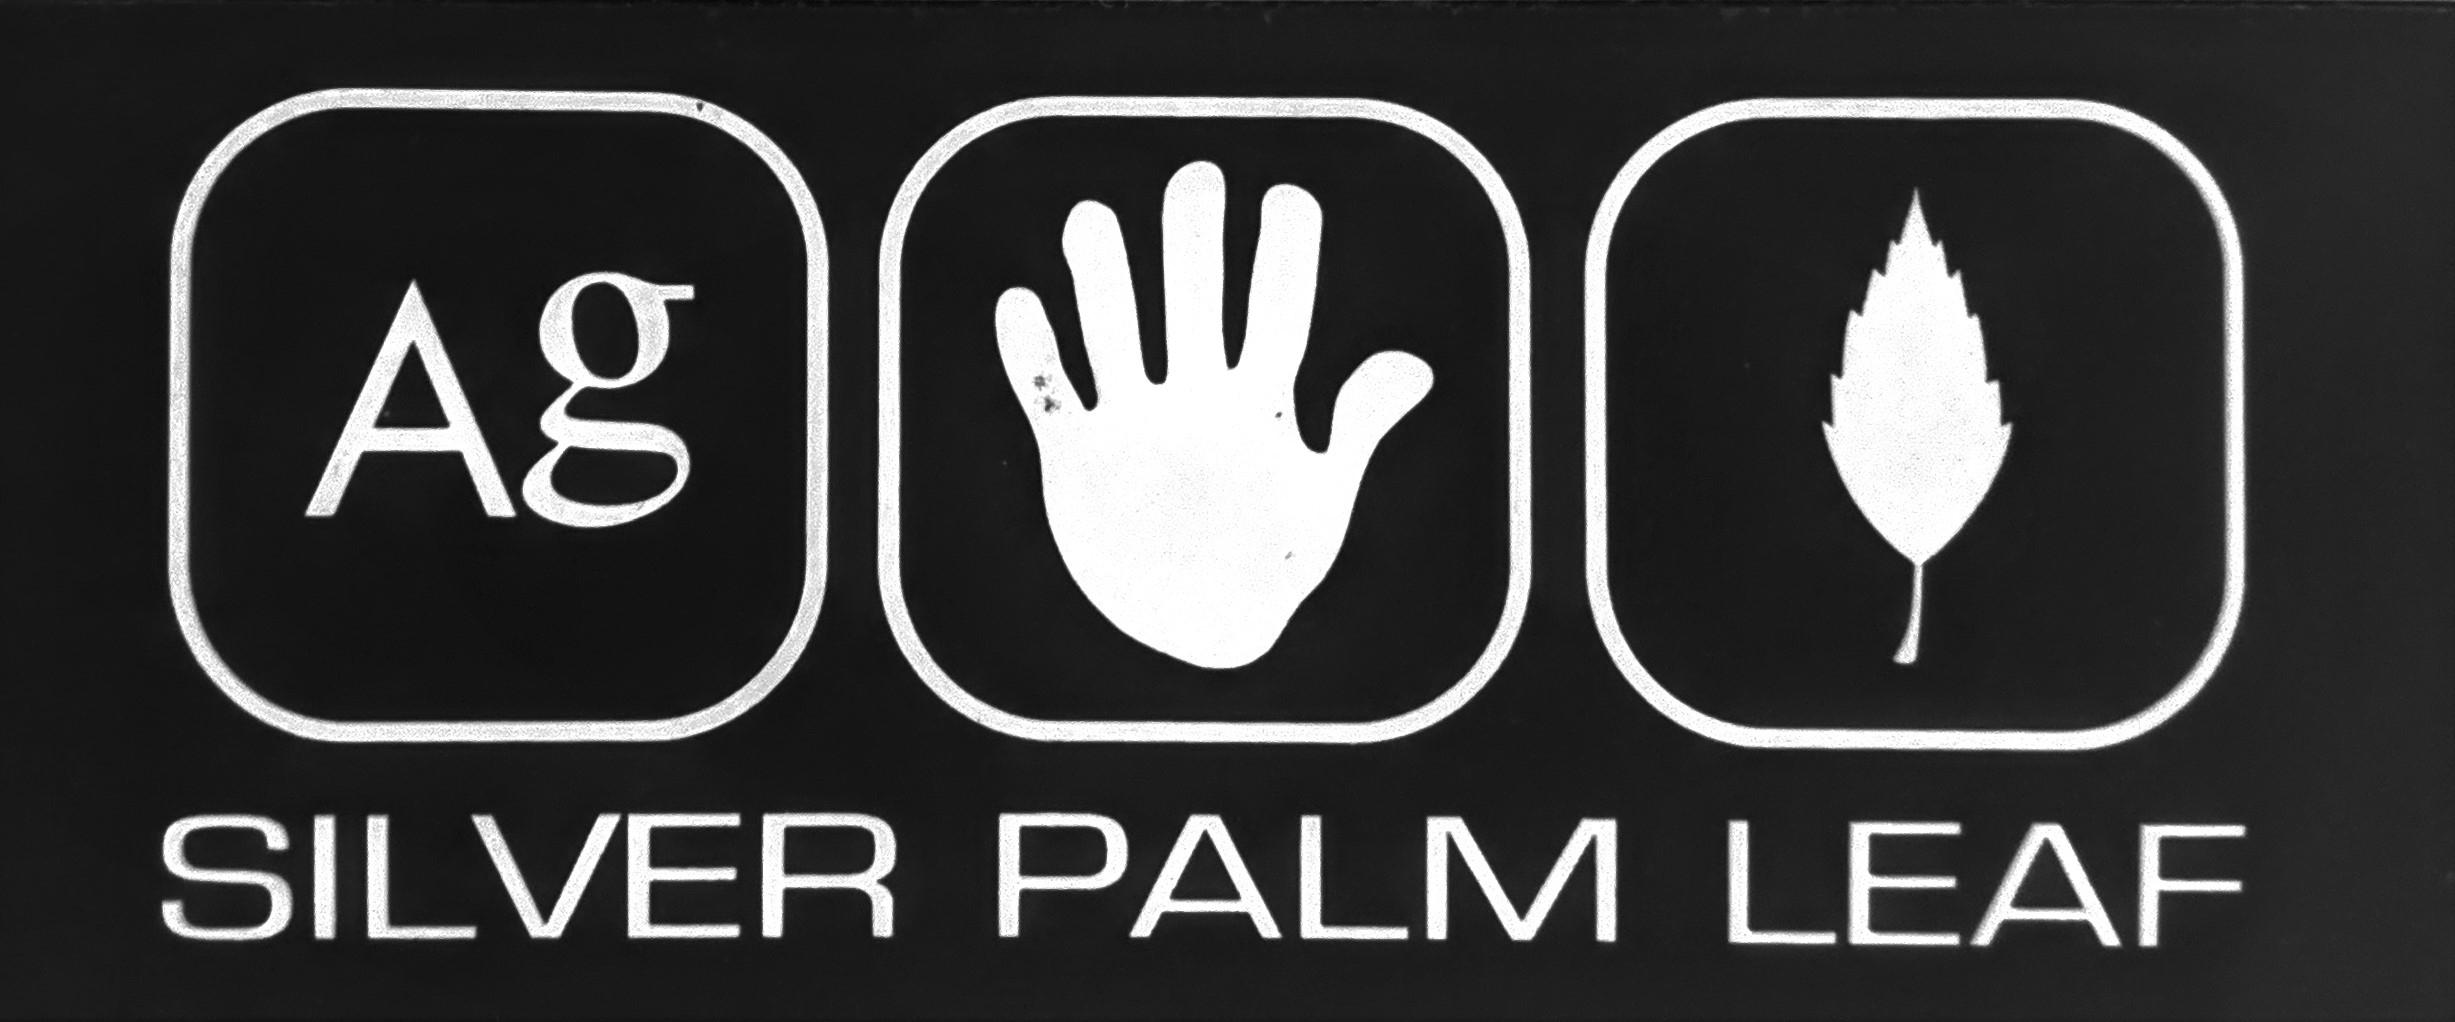 Silver Palm Leaf